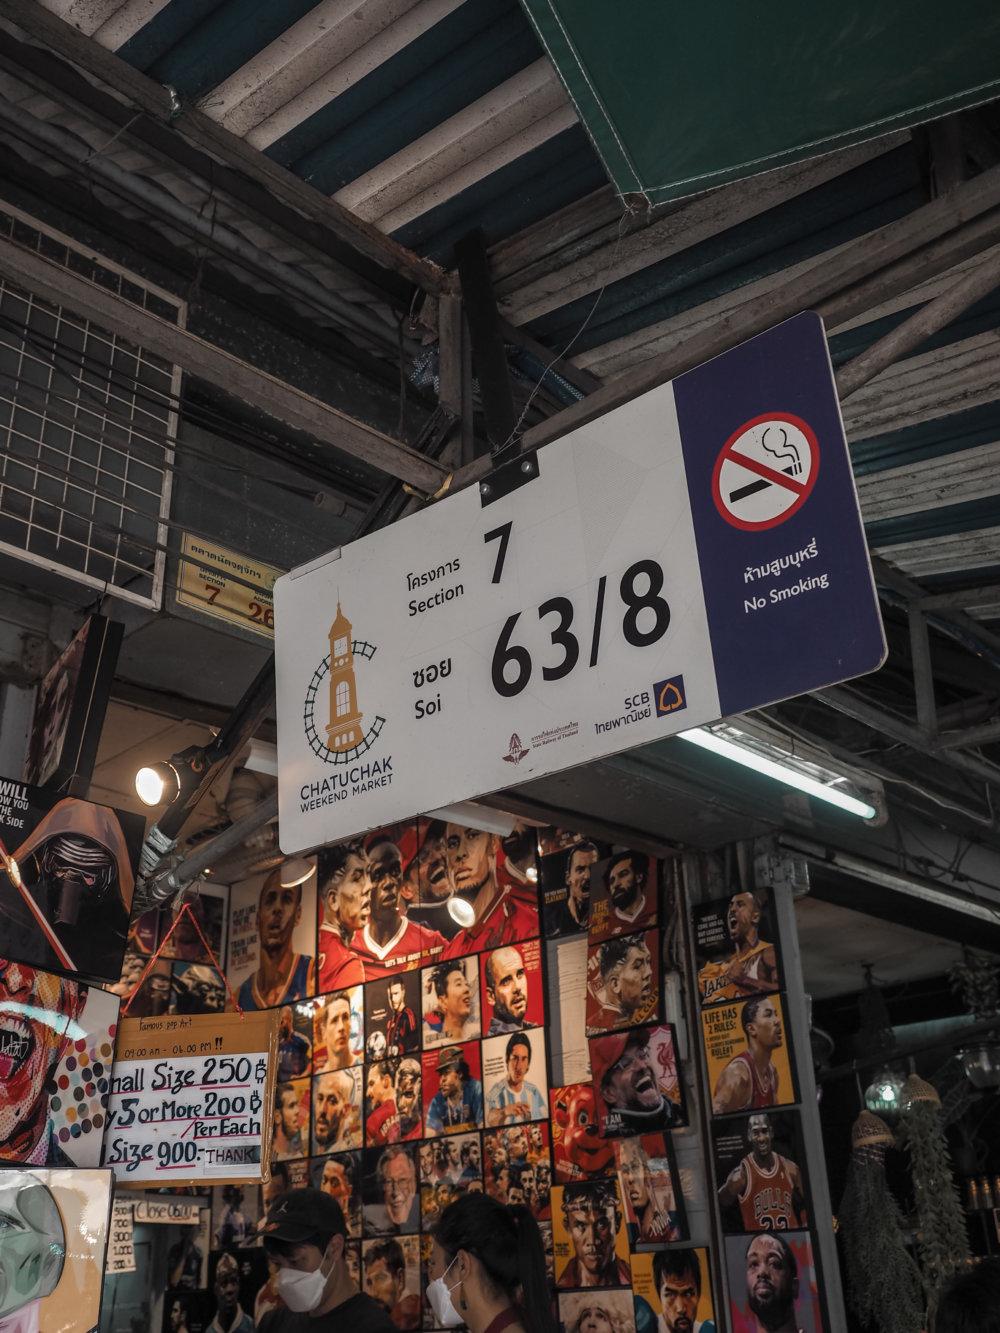 Maailman suurimmat markkinat, Chatuchak